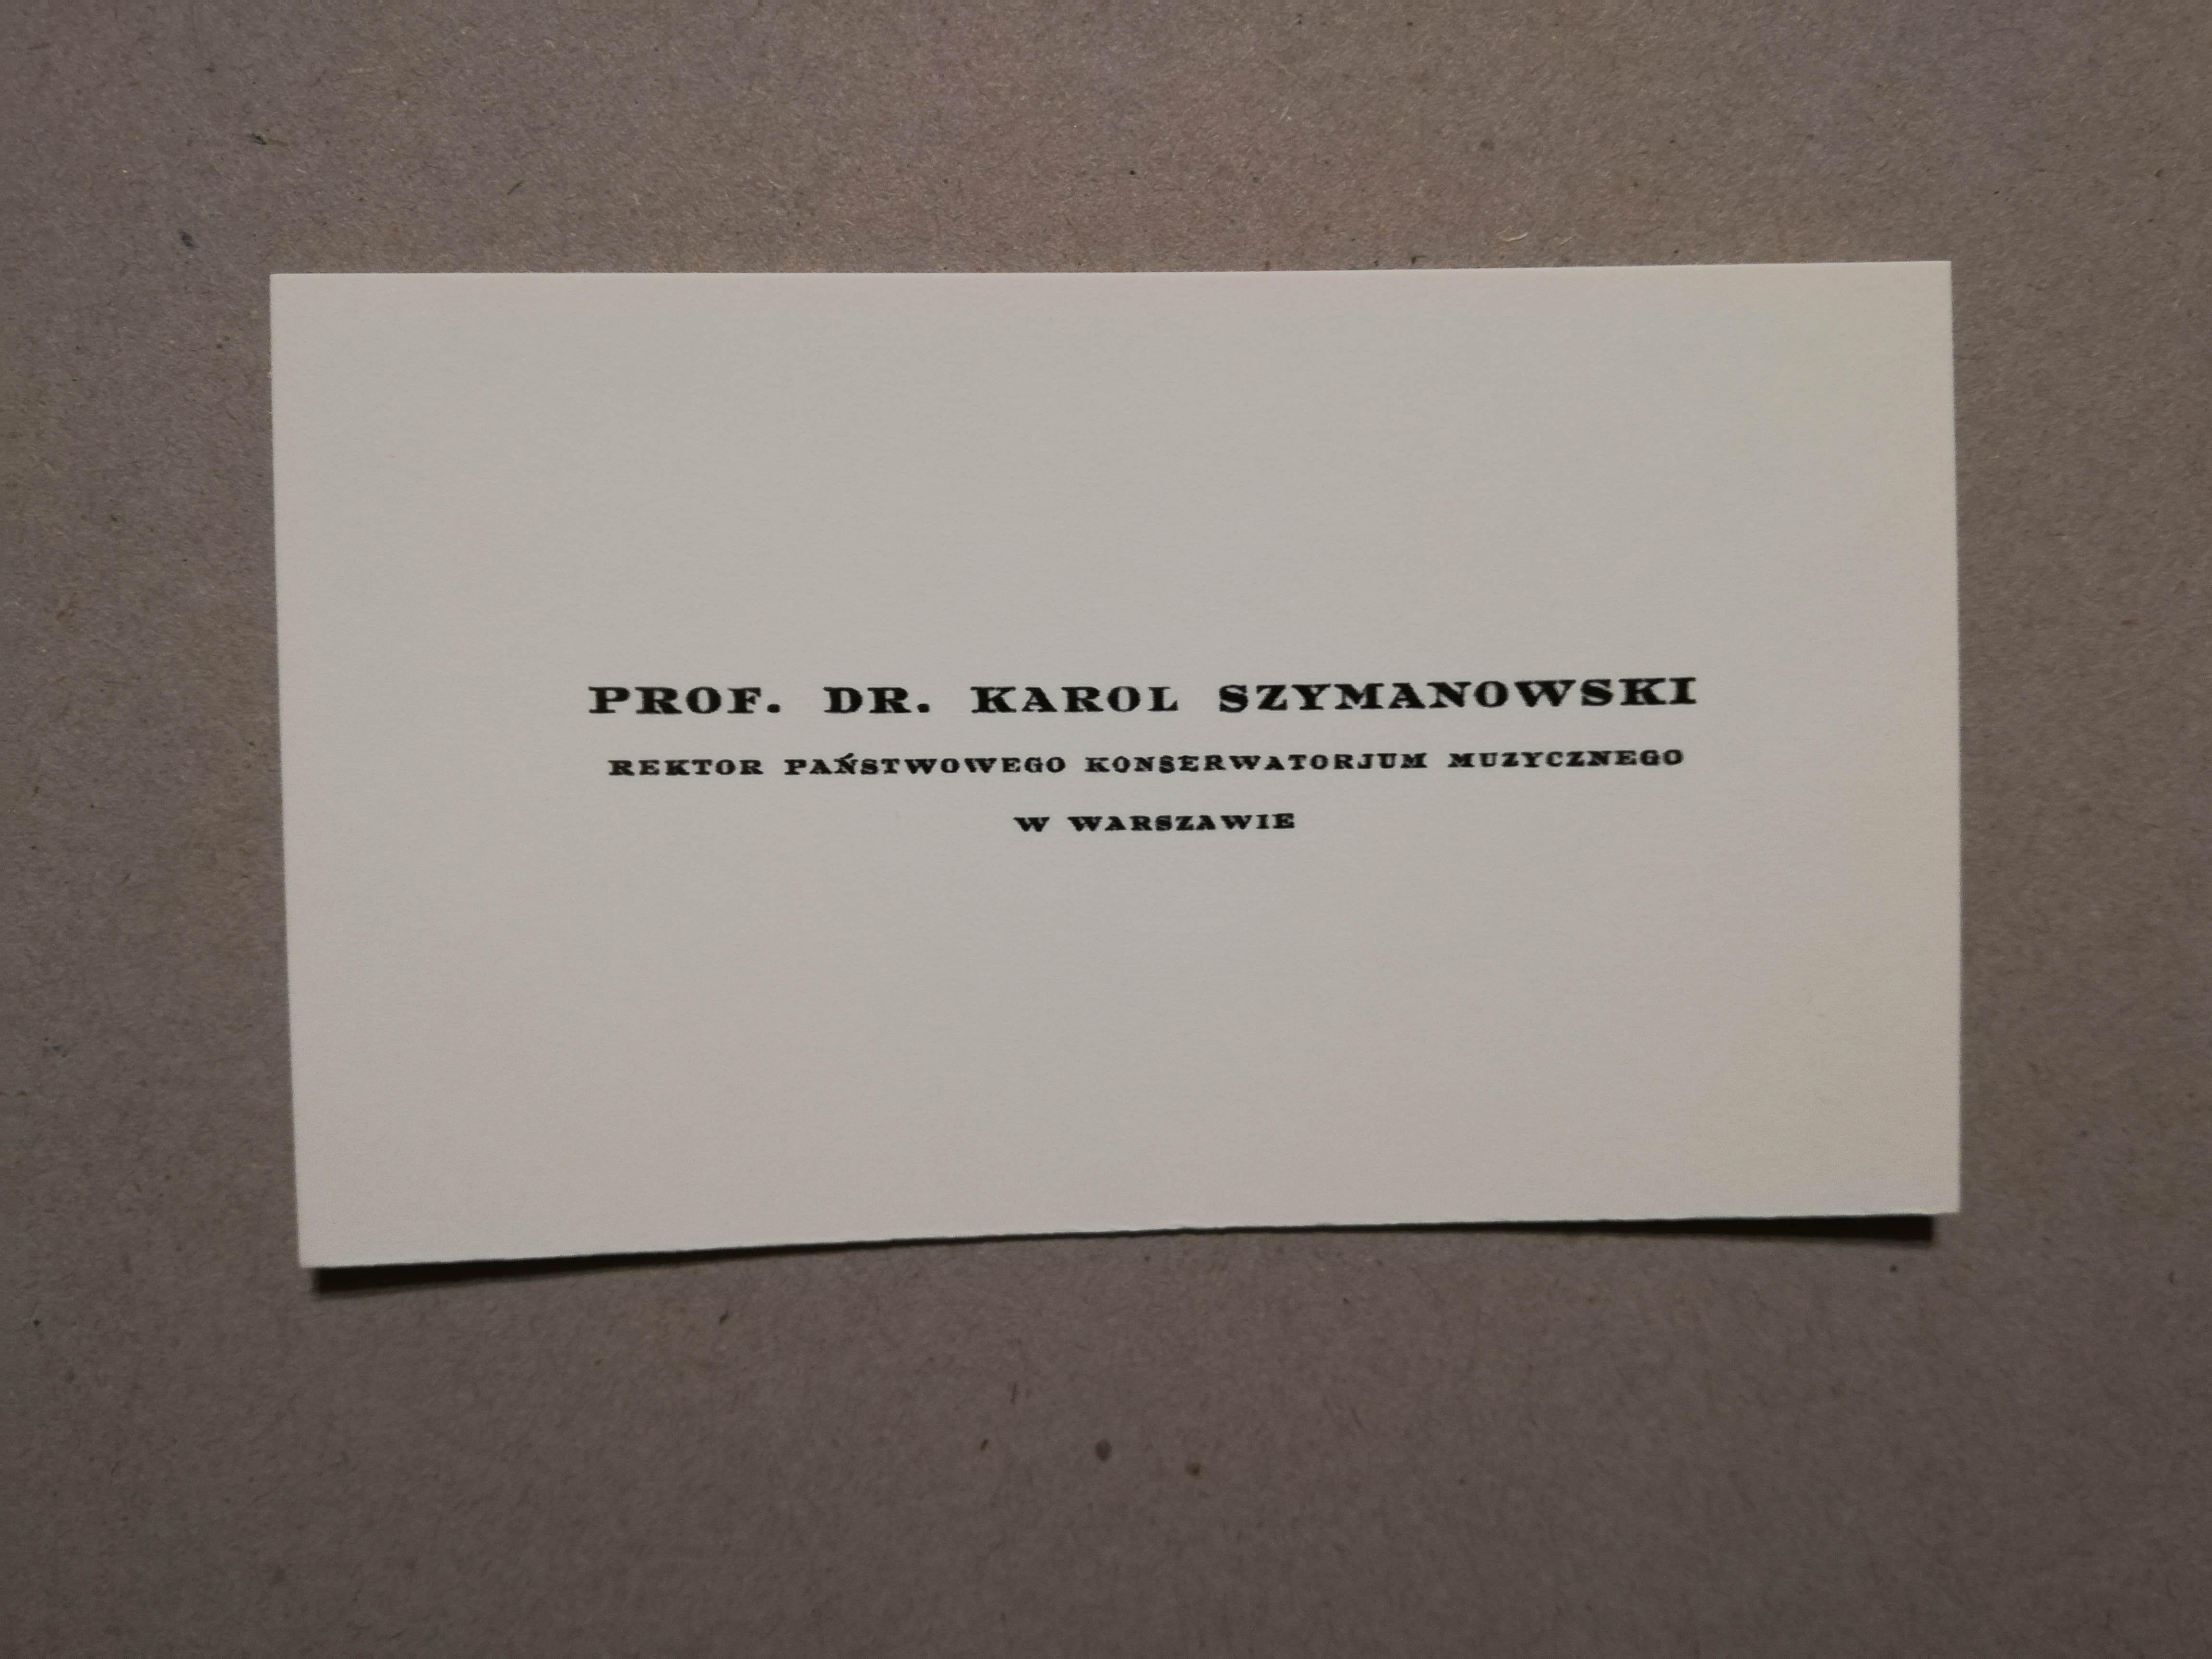 Bilet wizytowy Karola Szymanowskiego z okresu 1930-1932